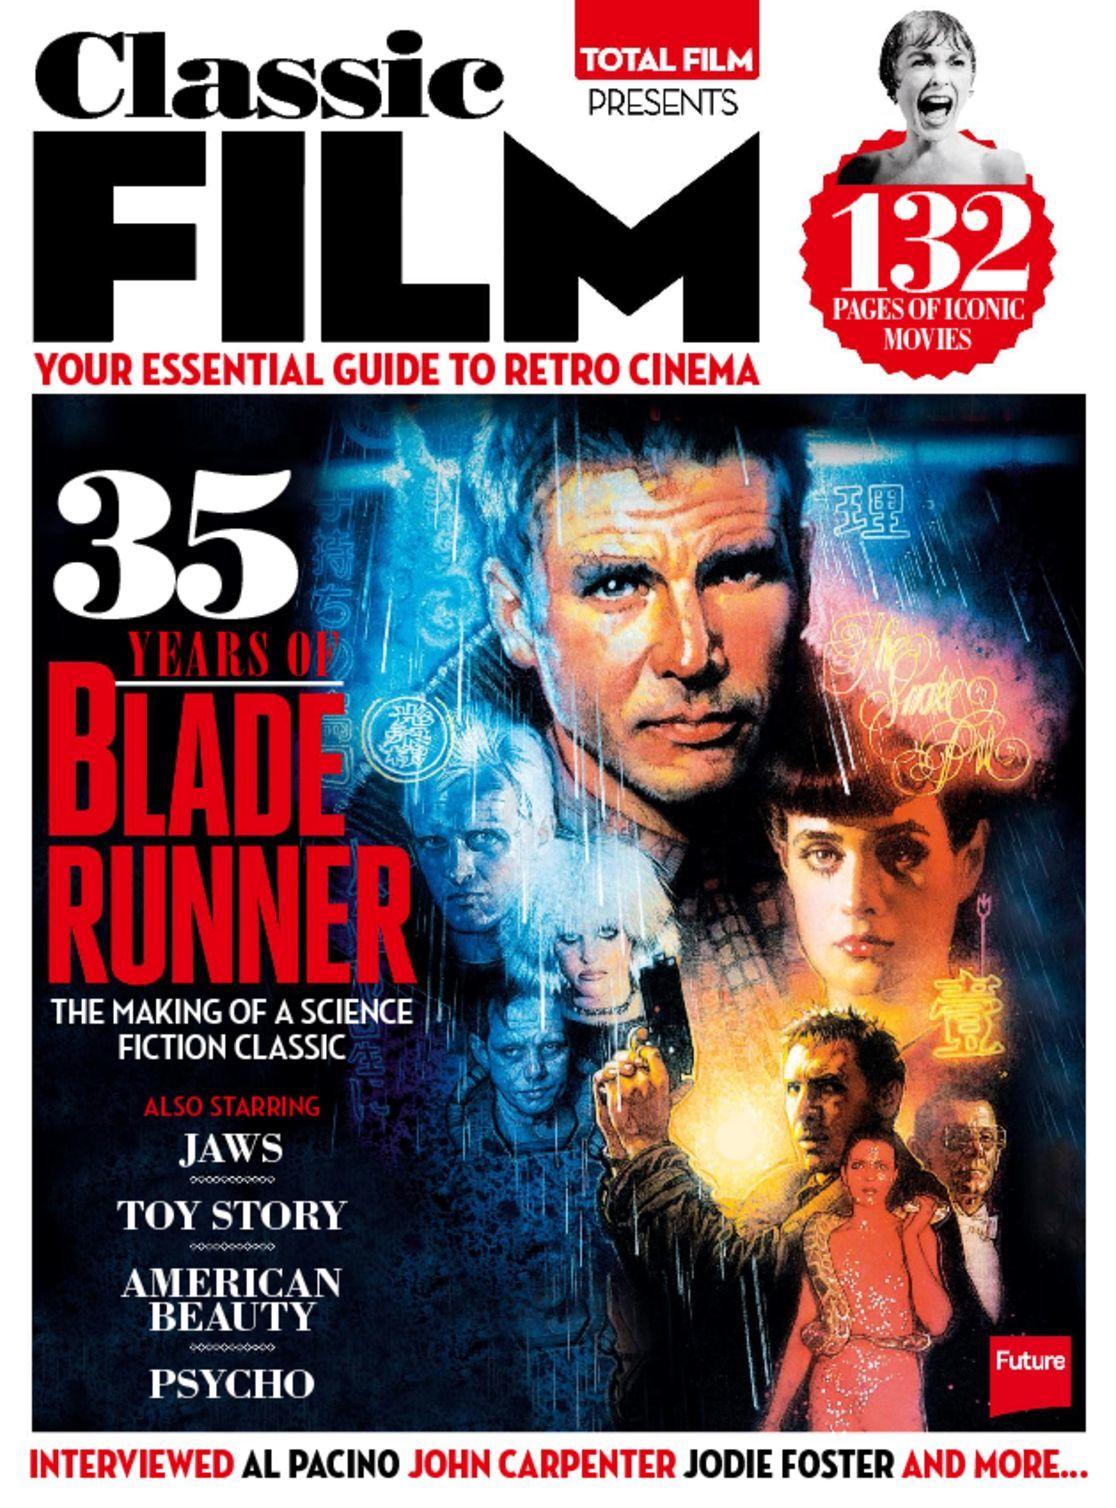 Classic Film Digital